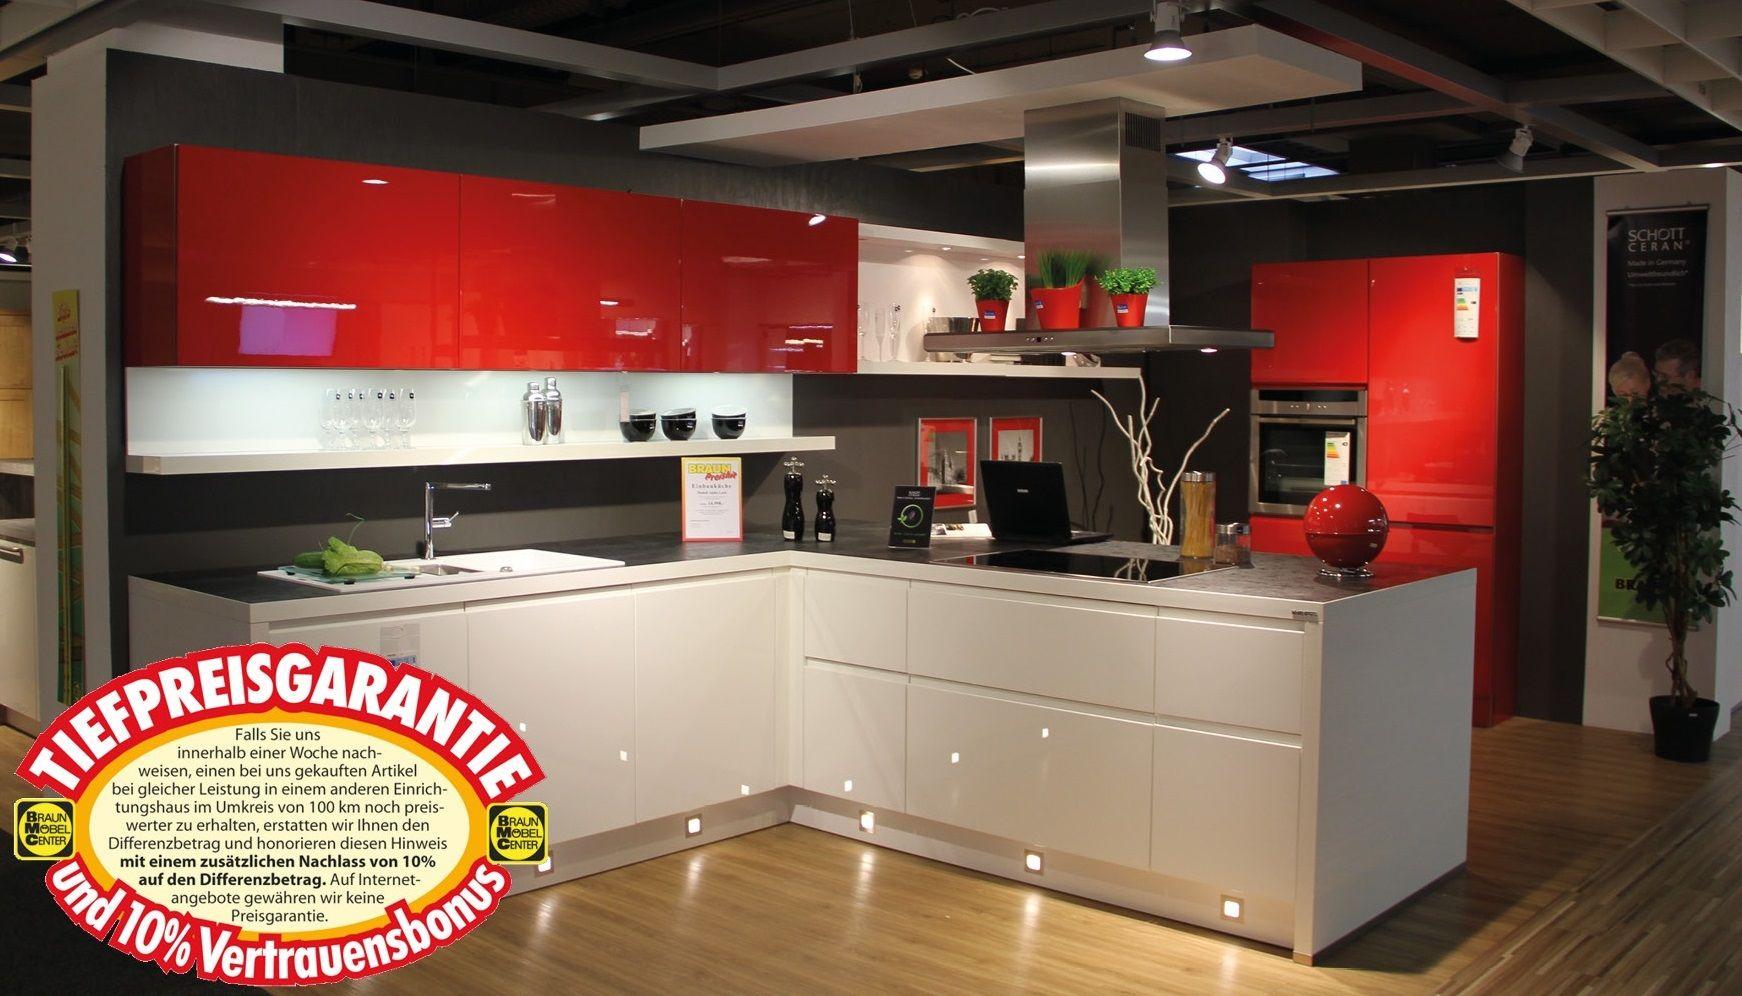 Full Size of Gebrauchte Einbauküche Günstig Kaufen Einbauküche Günstig Mit Elektrogeräten Einbauküche Günstig Roller Einbauküche Günstig Abzugeben Küche Einbauküche Günstig